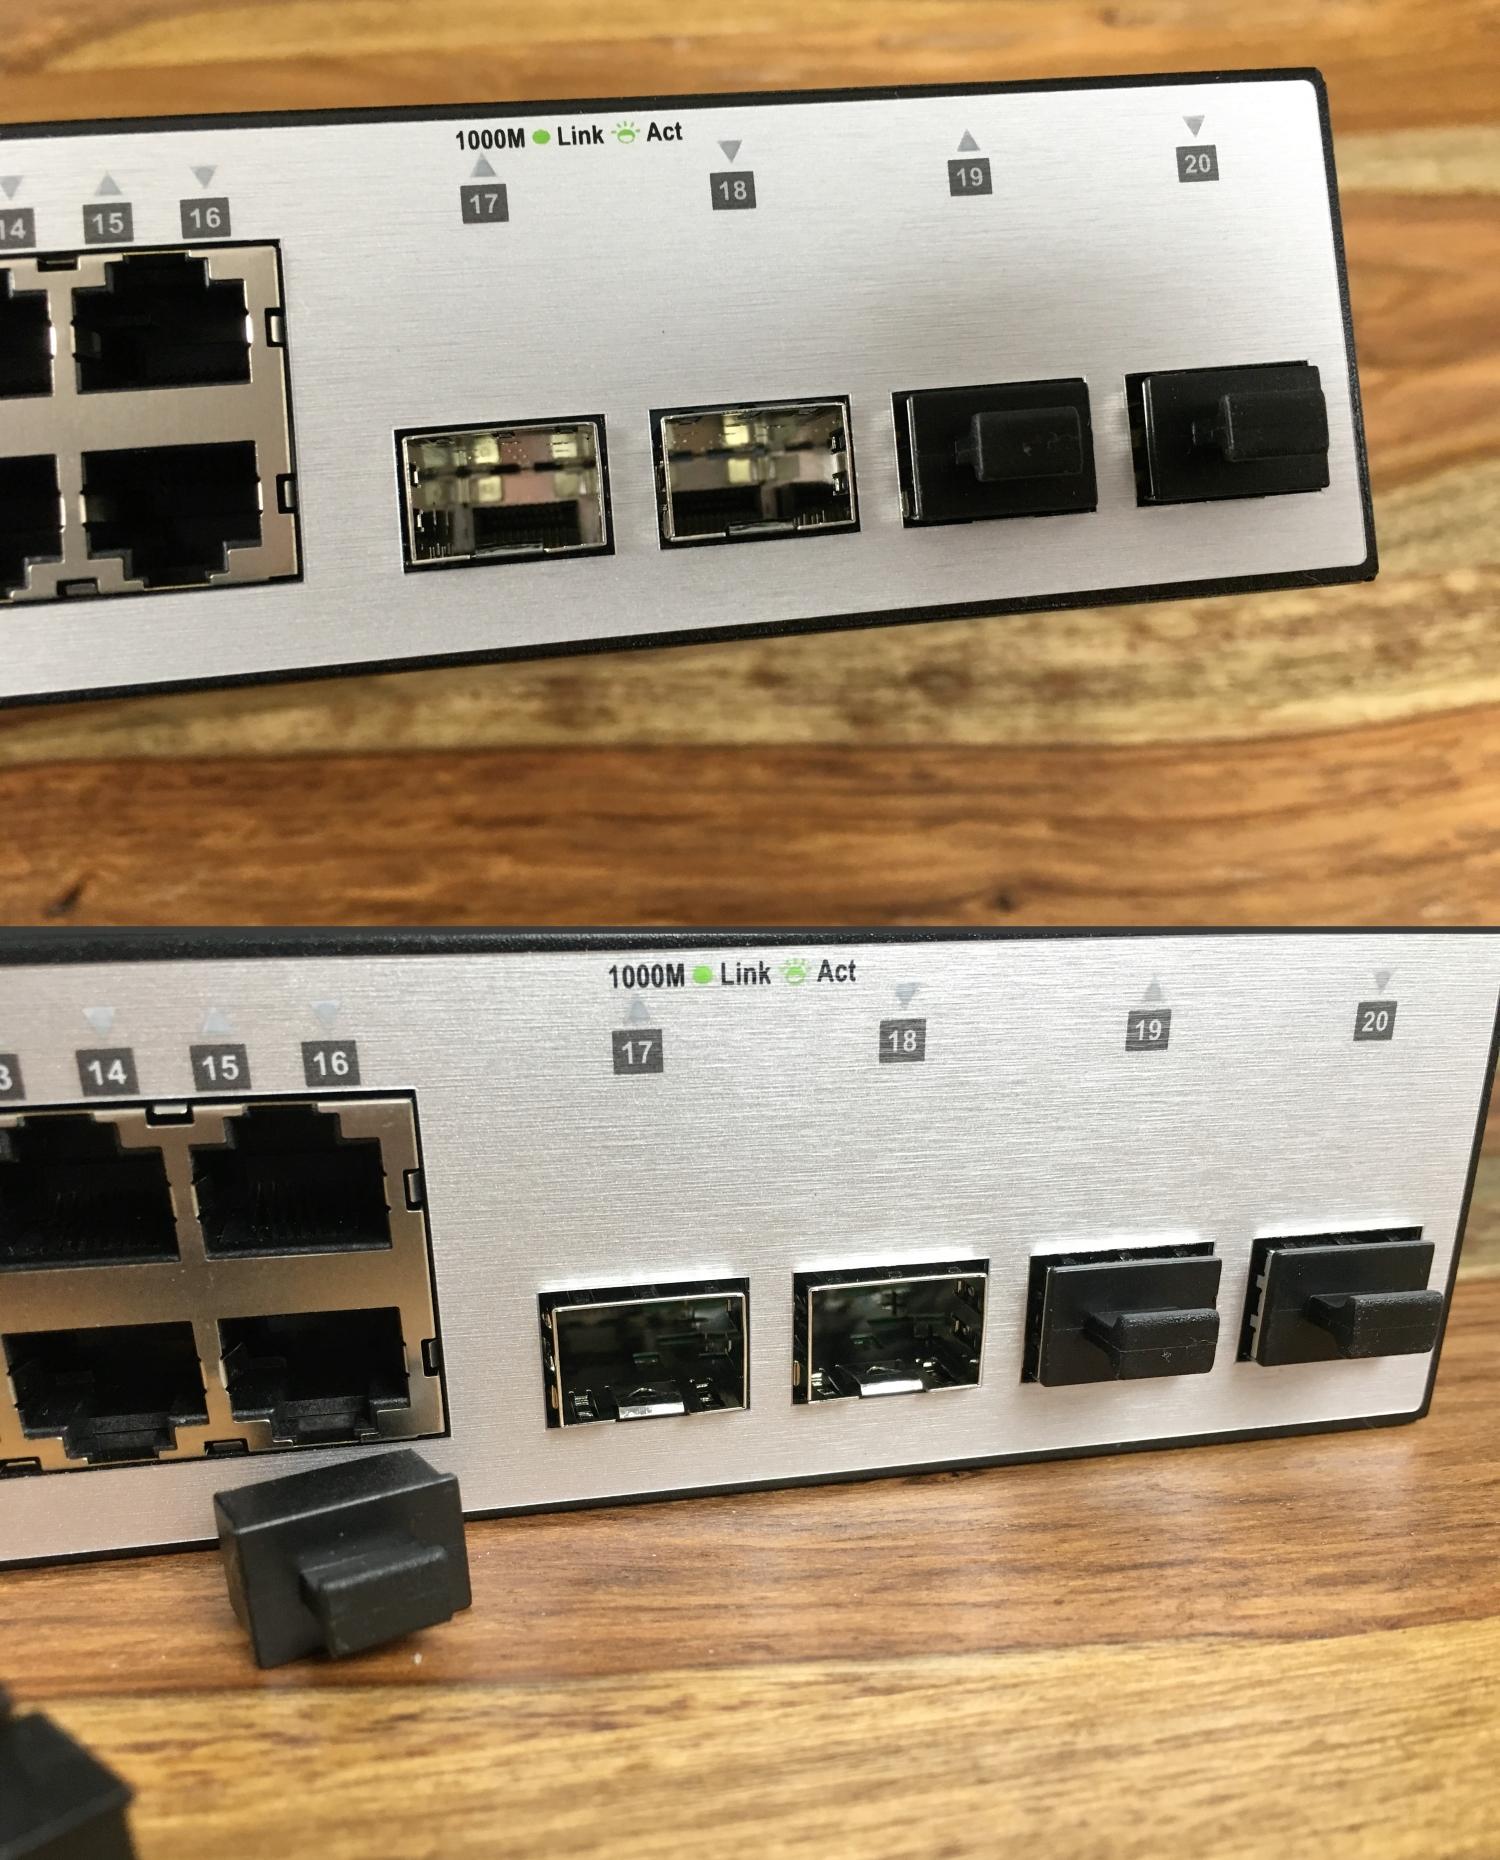 Review D Link Dgs 1210 20 Smart Managed Switch Fr Dummies 10 E Generell Besitzt Der Eine Limited Lifetime Warranty Also Wrde Ich Euch Folgendes Nicht Empfehlen Aber Jemanden Schon Mal Das